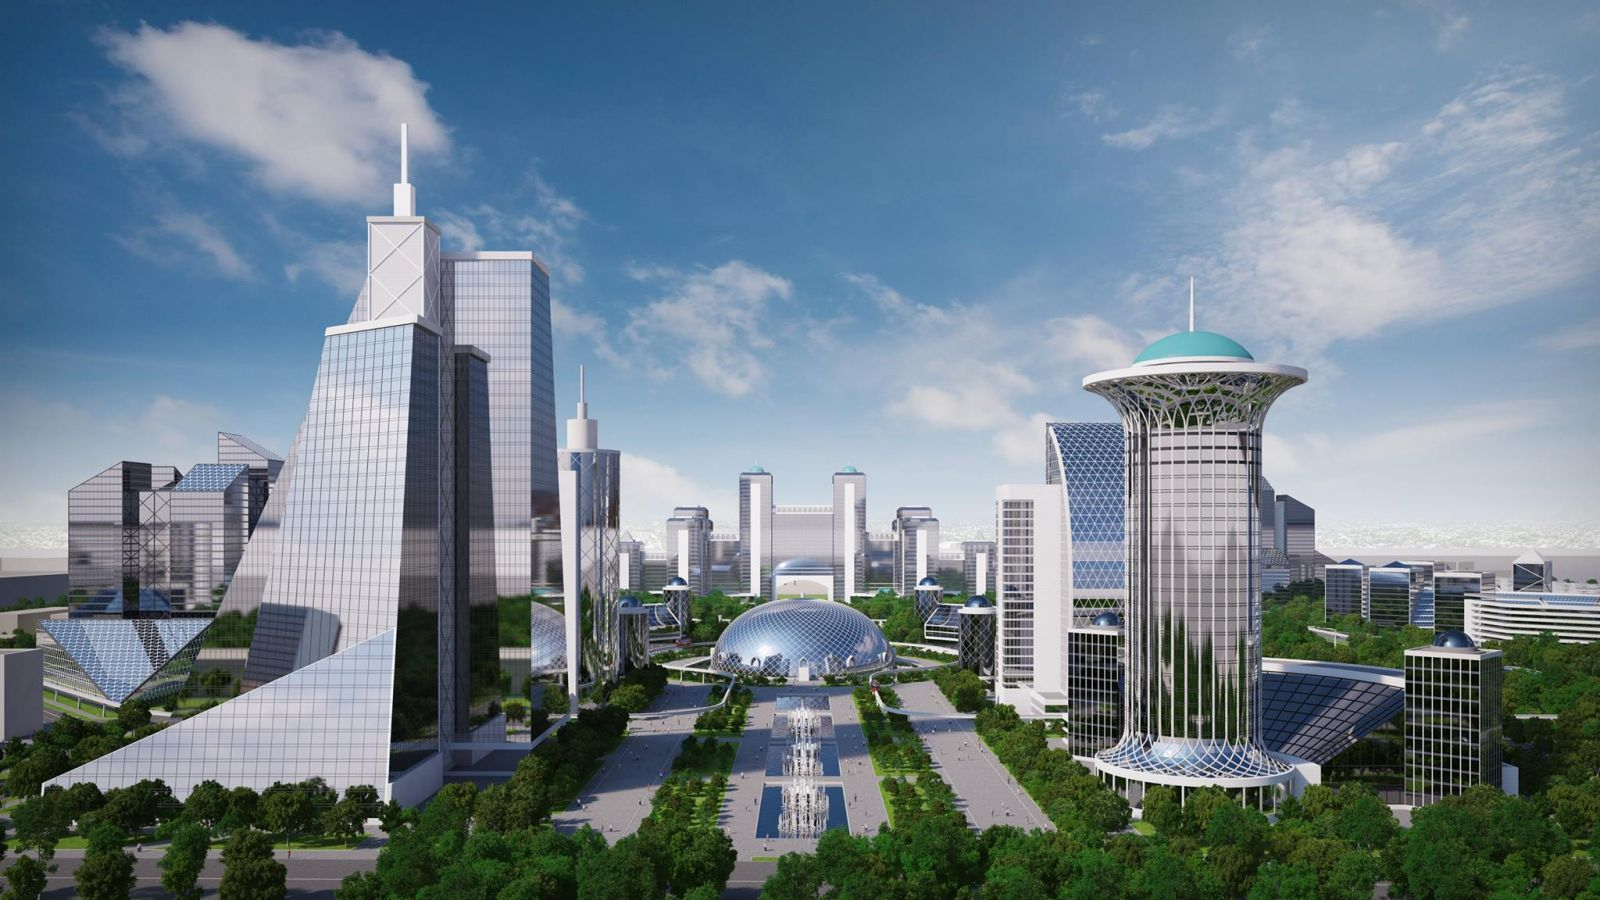 Design for Tashkent City